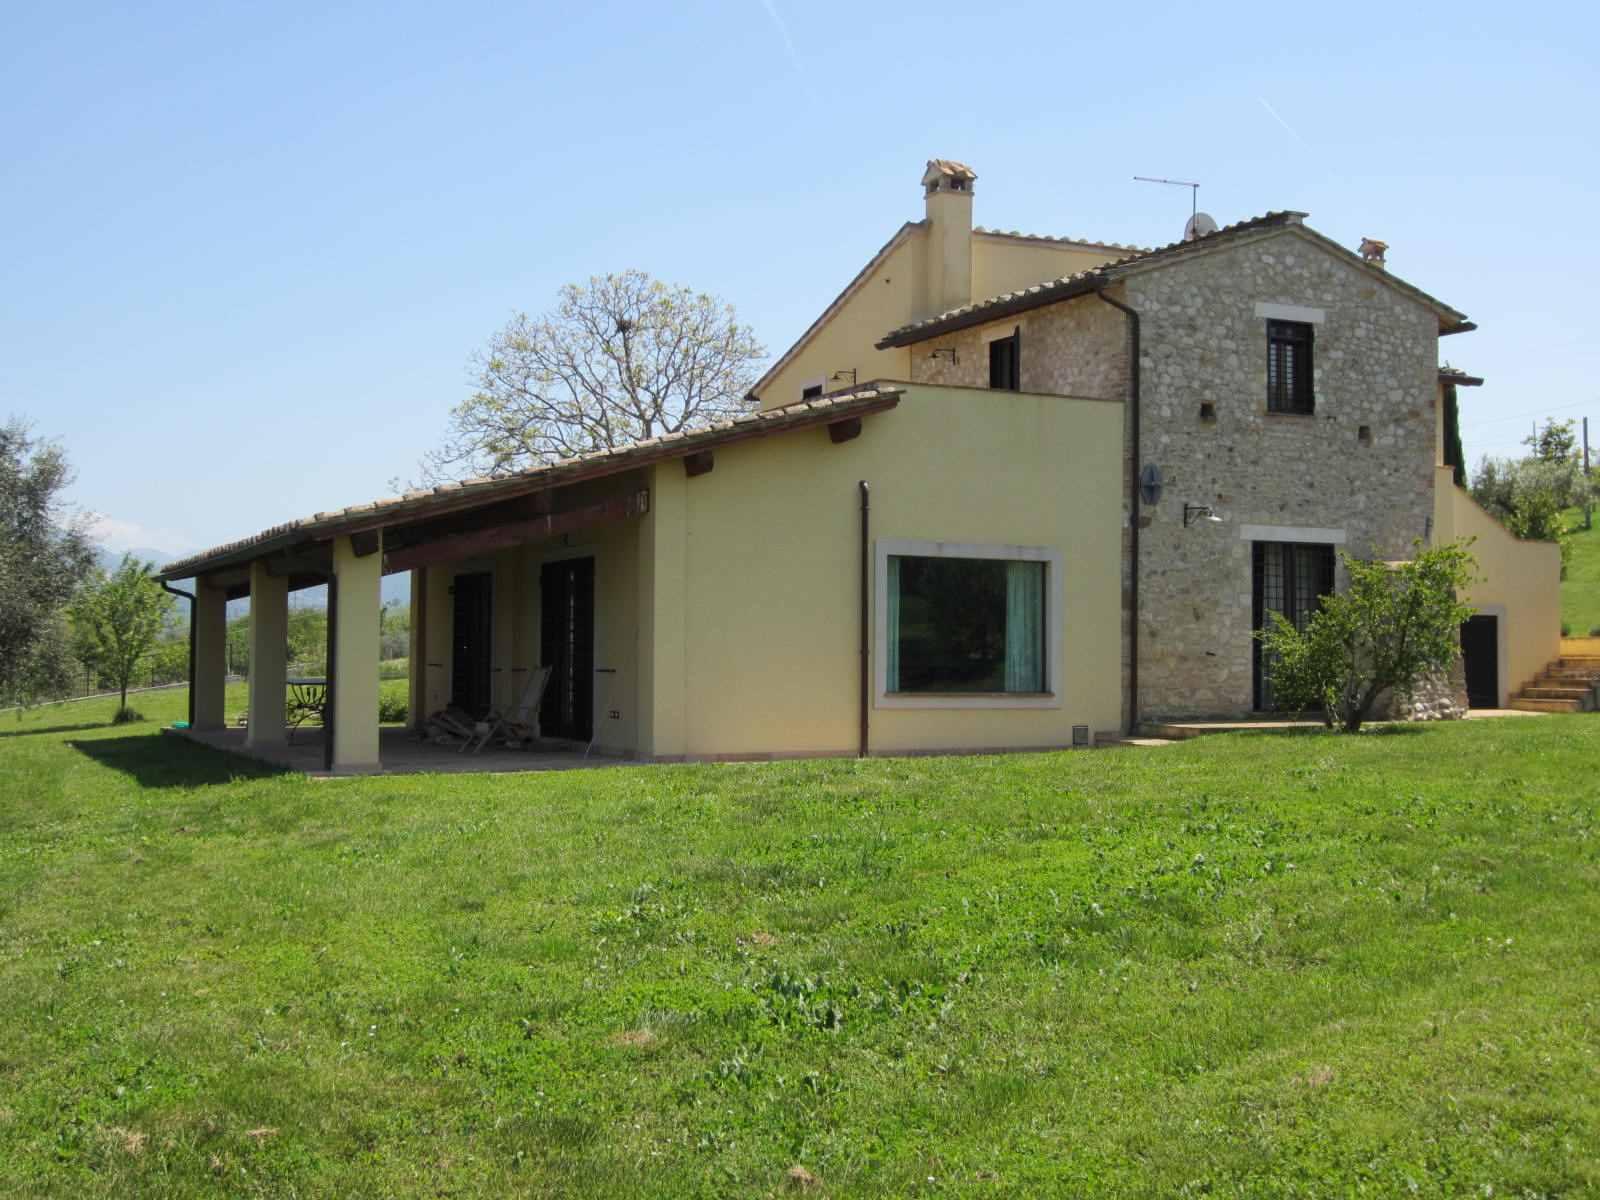 Affitto Casa vacanze Campagna Calvi dell'Umbria